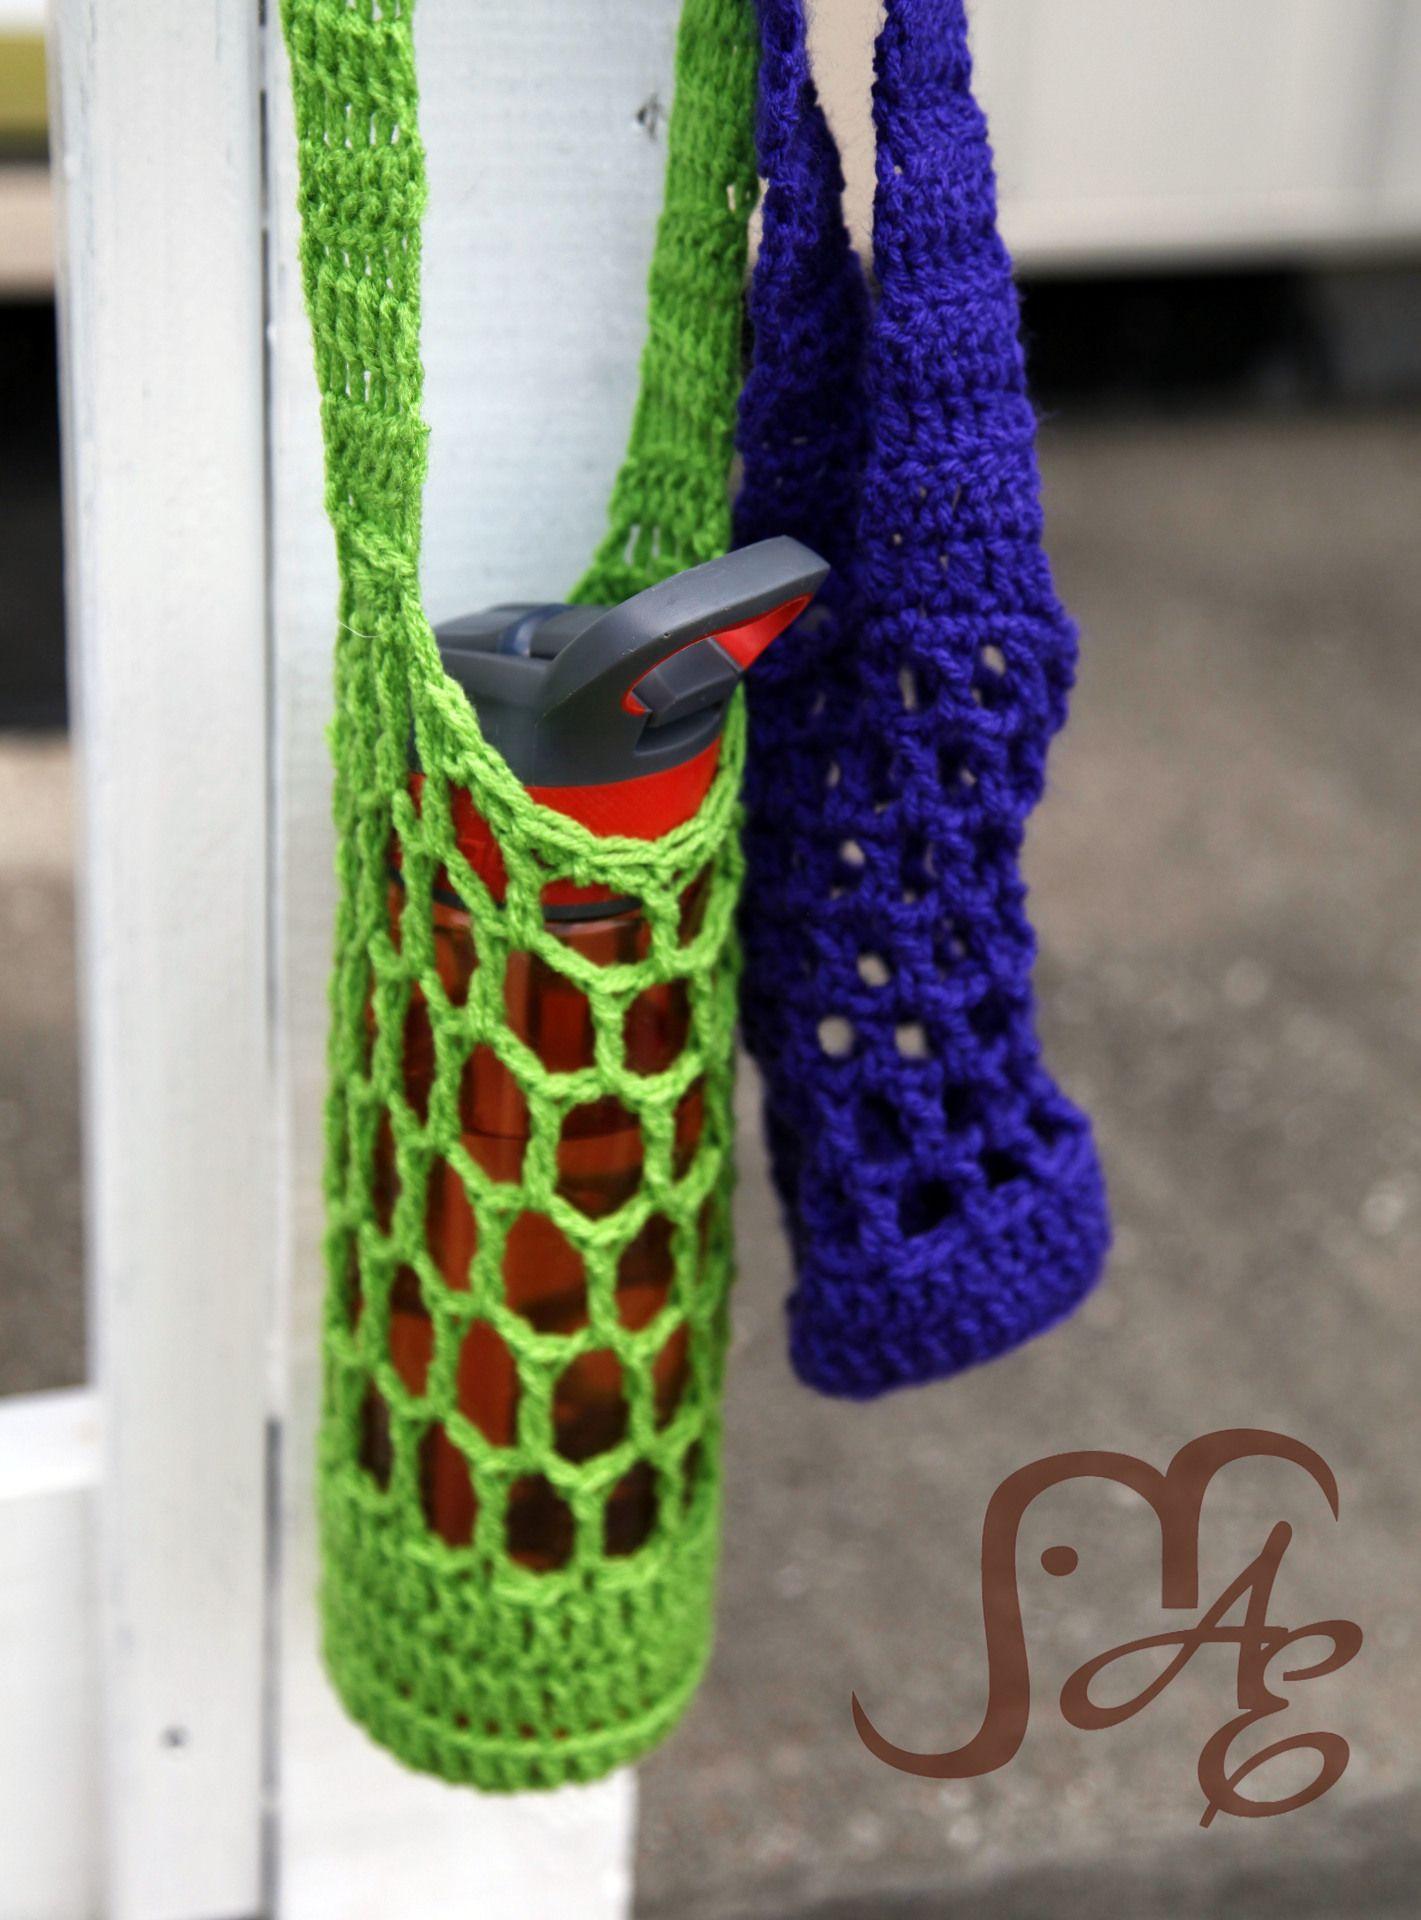 Free crochet pattern water bottle holder crochet patterns free crochet pattern water bottle holder bankloansurffo Choice Image